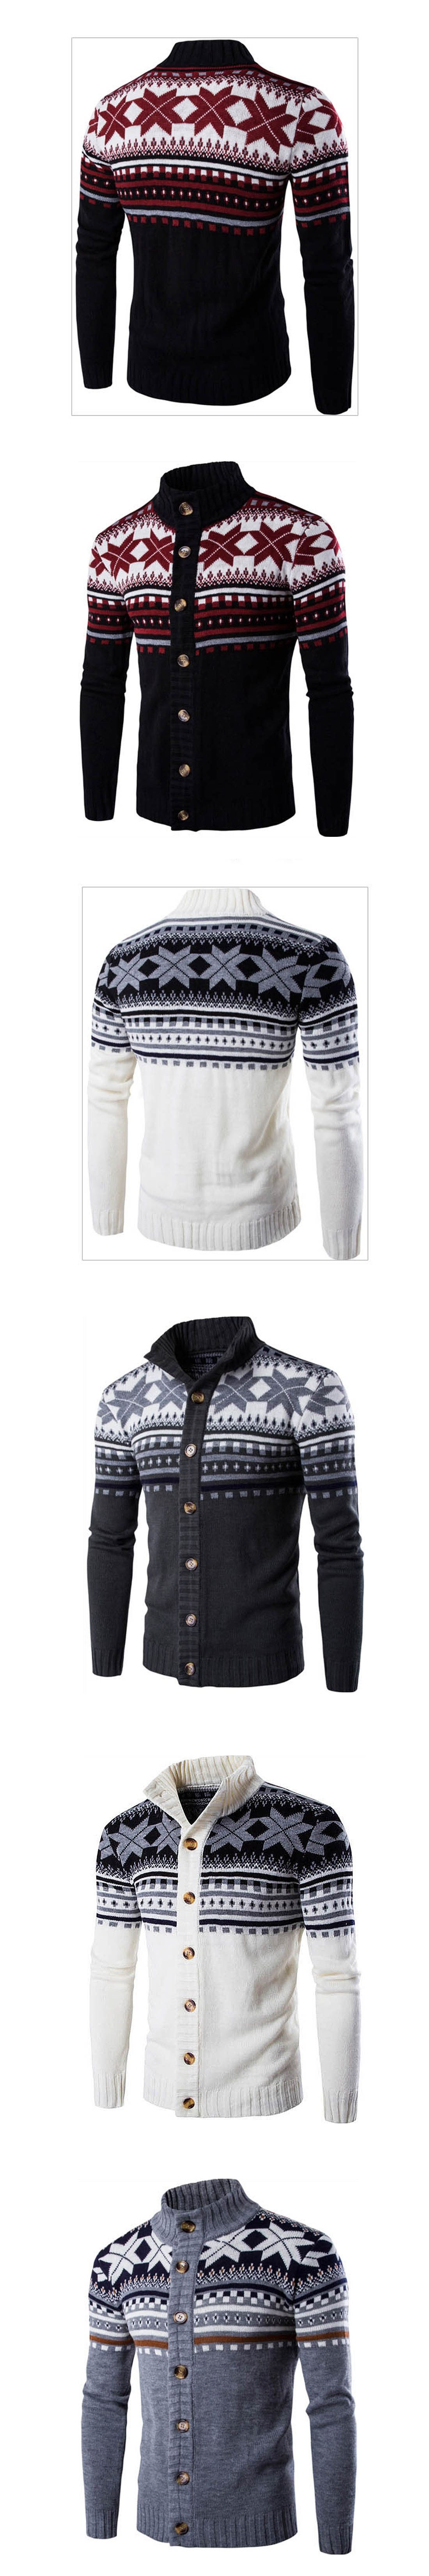 2017 Christmas Sweater Print Snowflake Cardigan Man Ugly Christmas ...